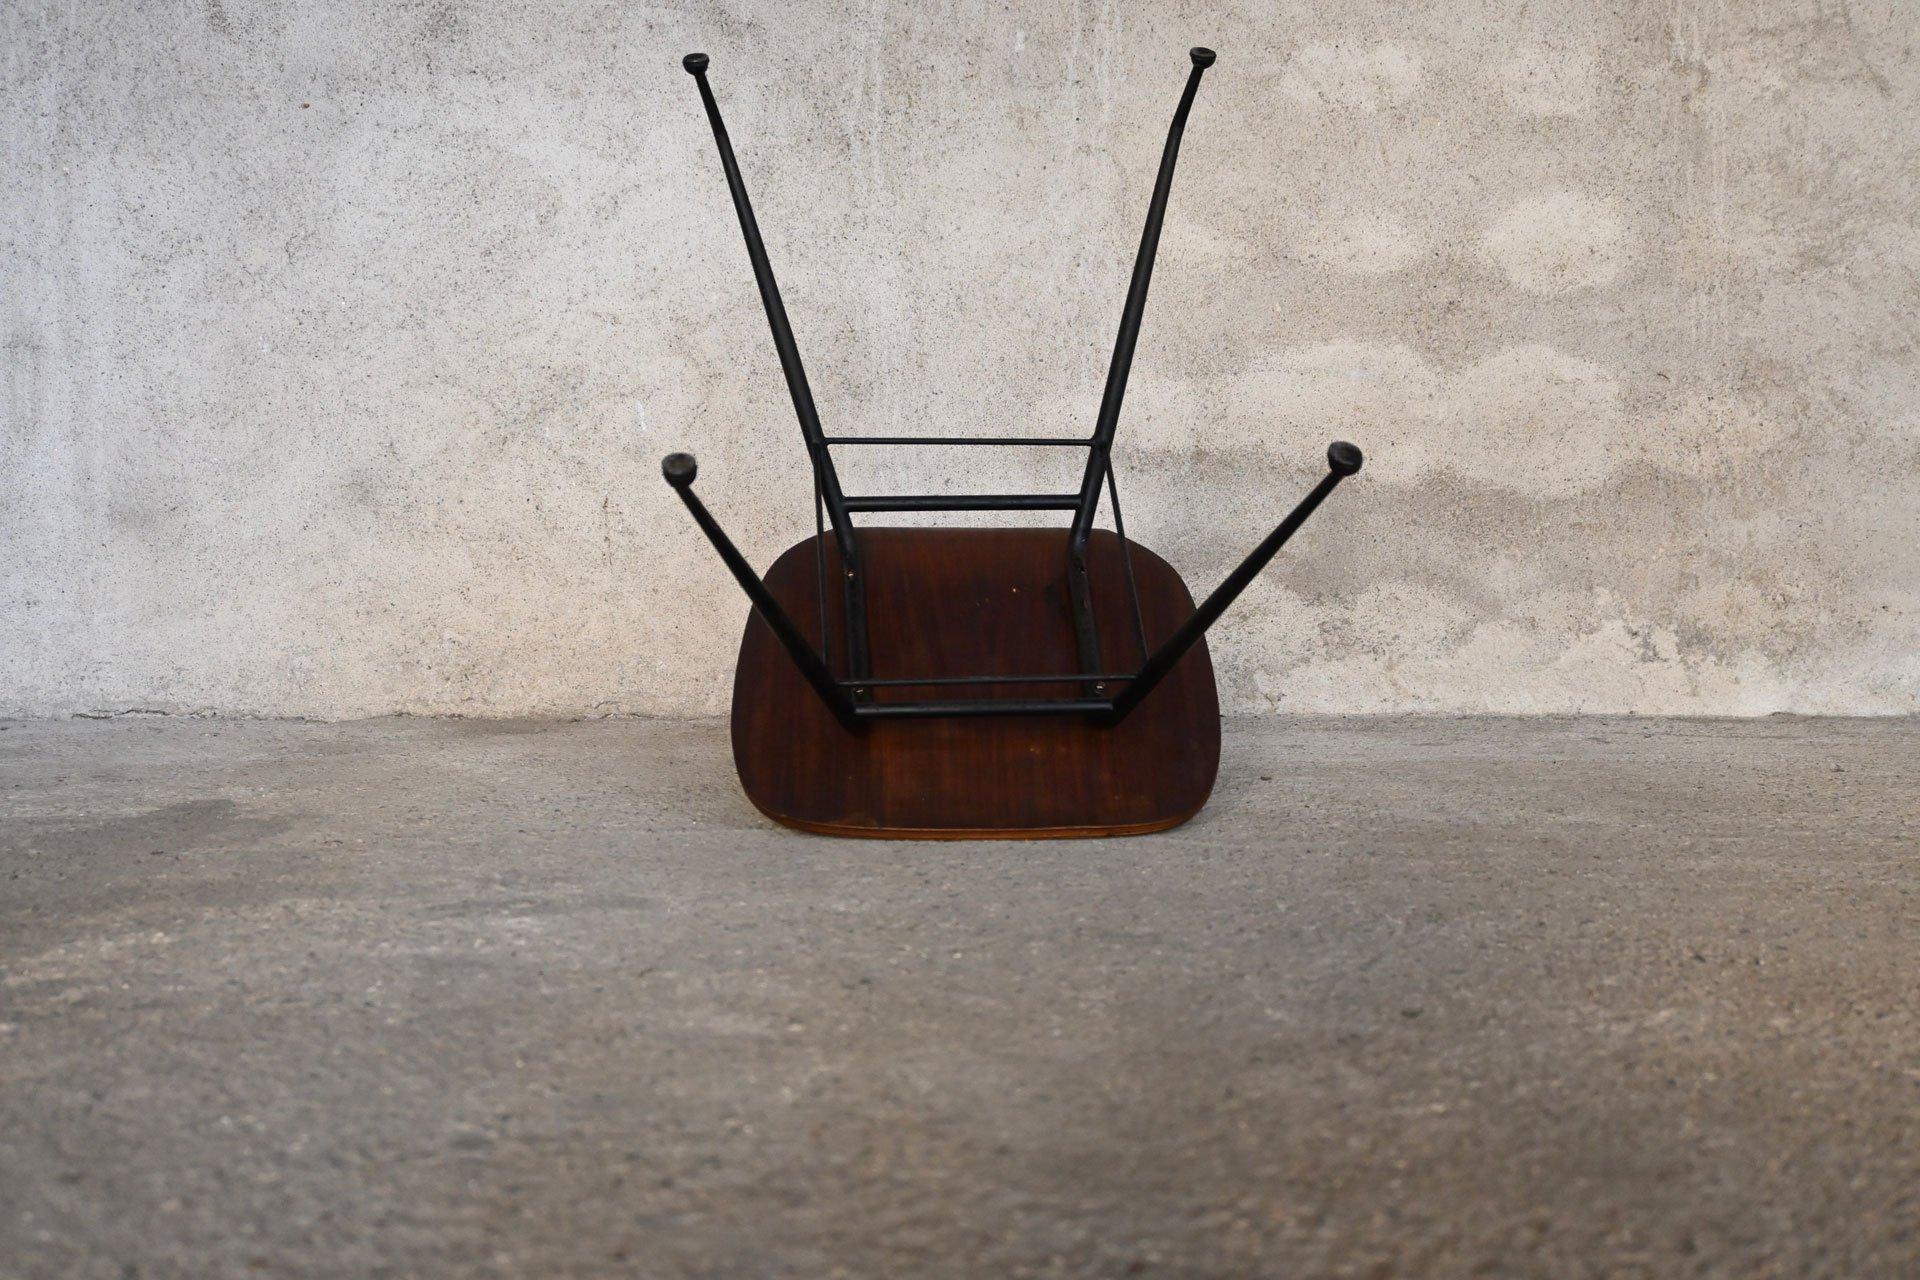 Industria Legni Curvati di Carlo Ratti Lulli 1950